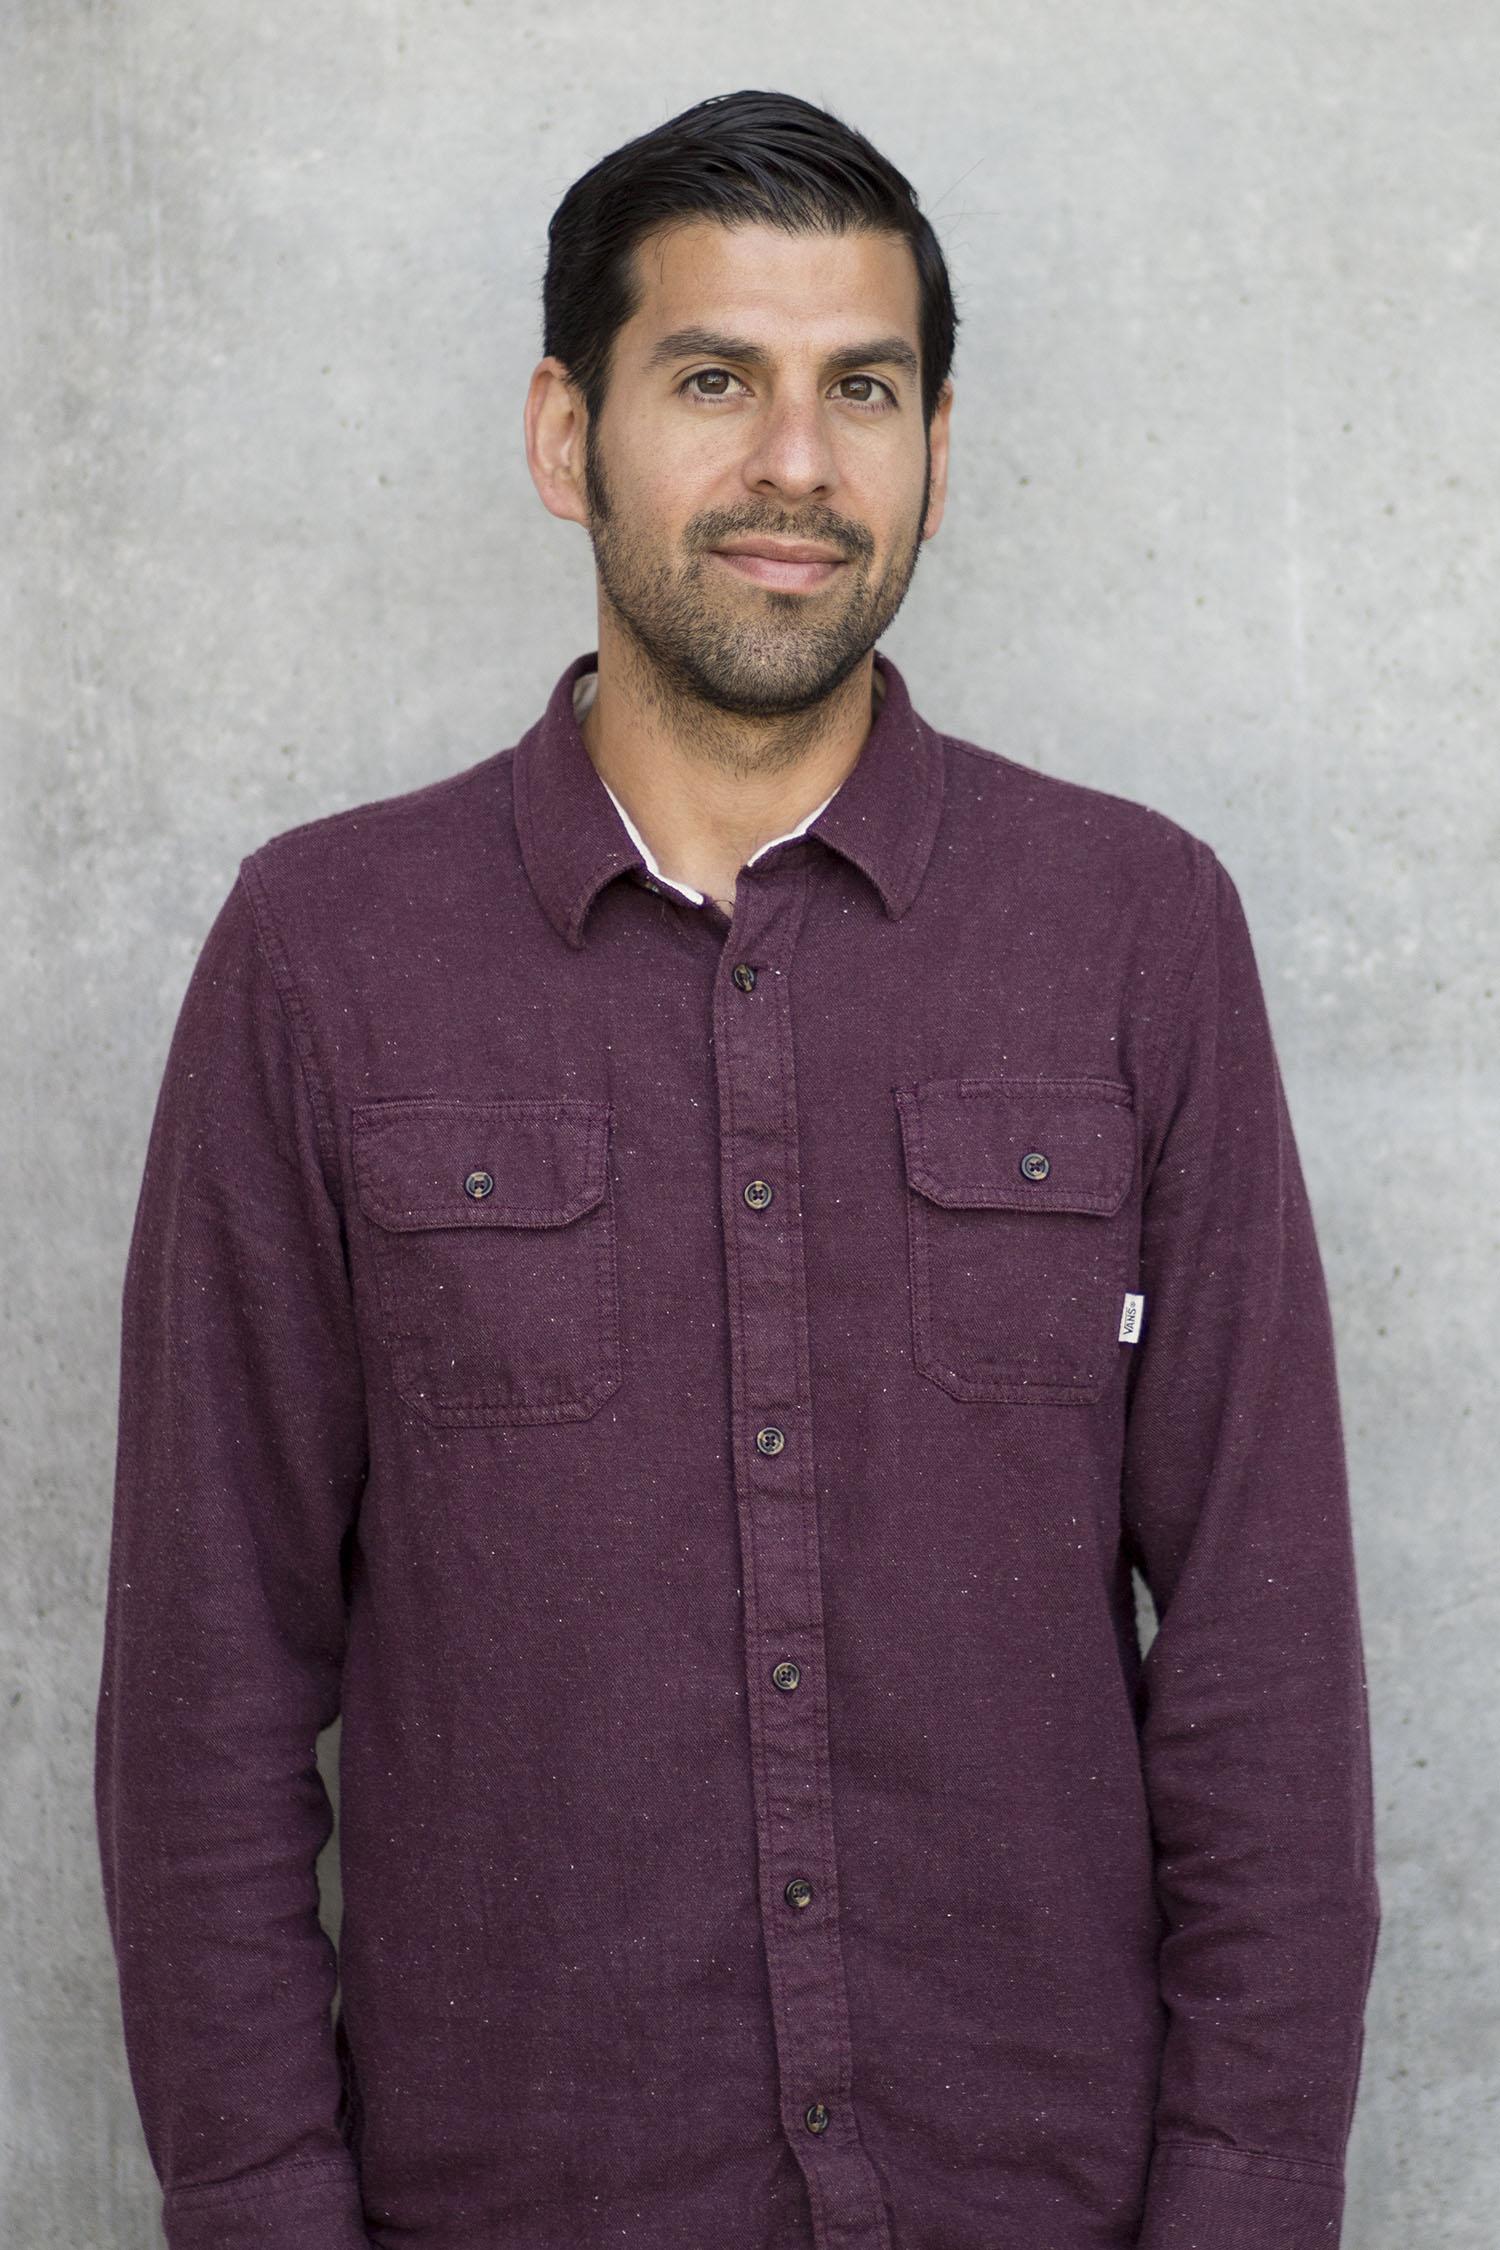 Alberto Soto